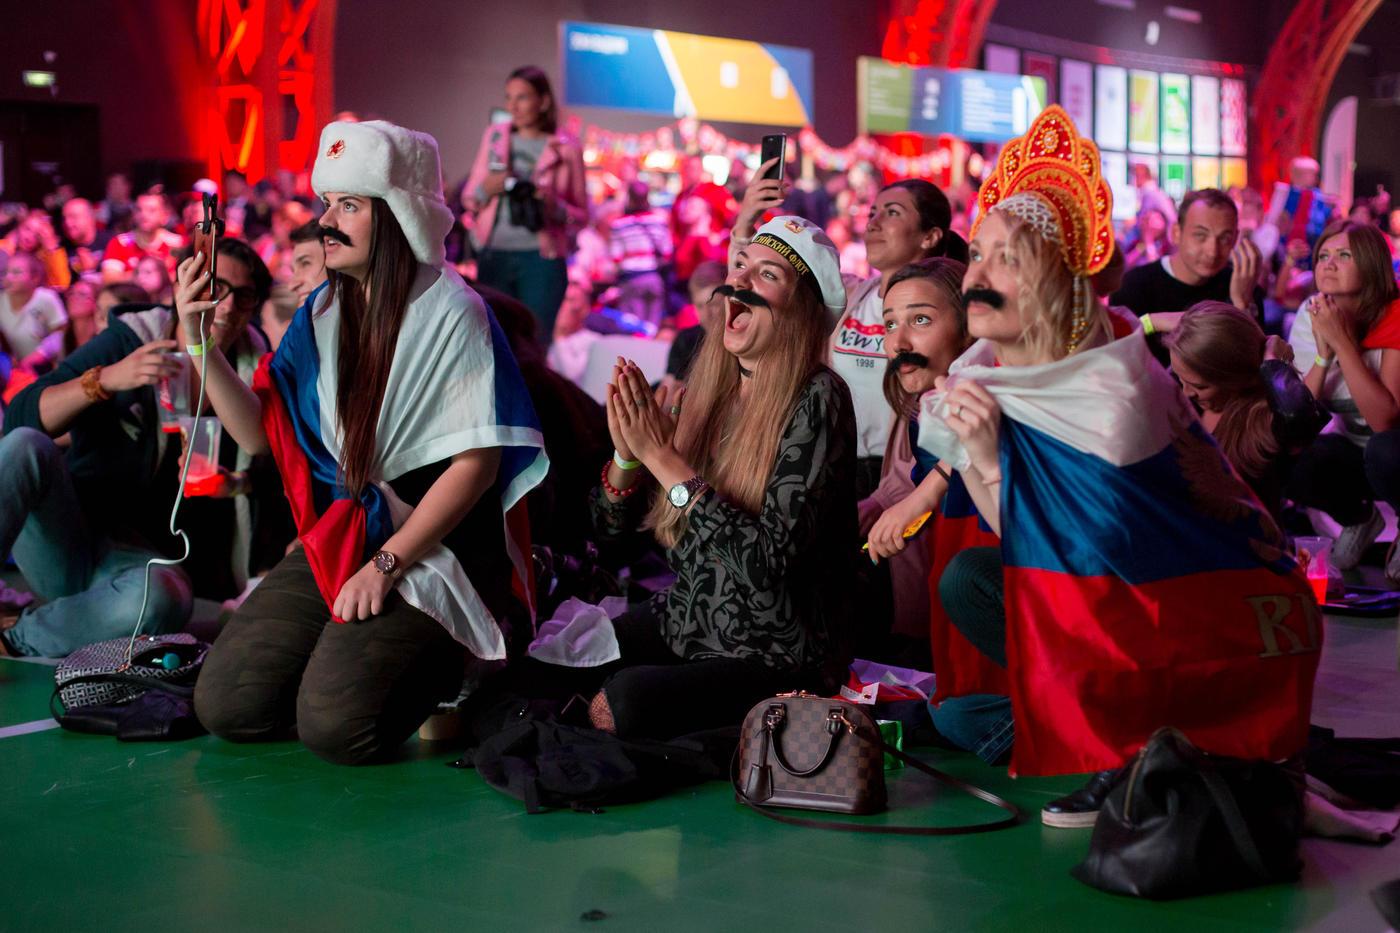 Медведь, валидол и танцы на столе. Матч Испания - Россия в фан-зоне - фото